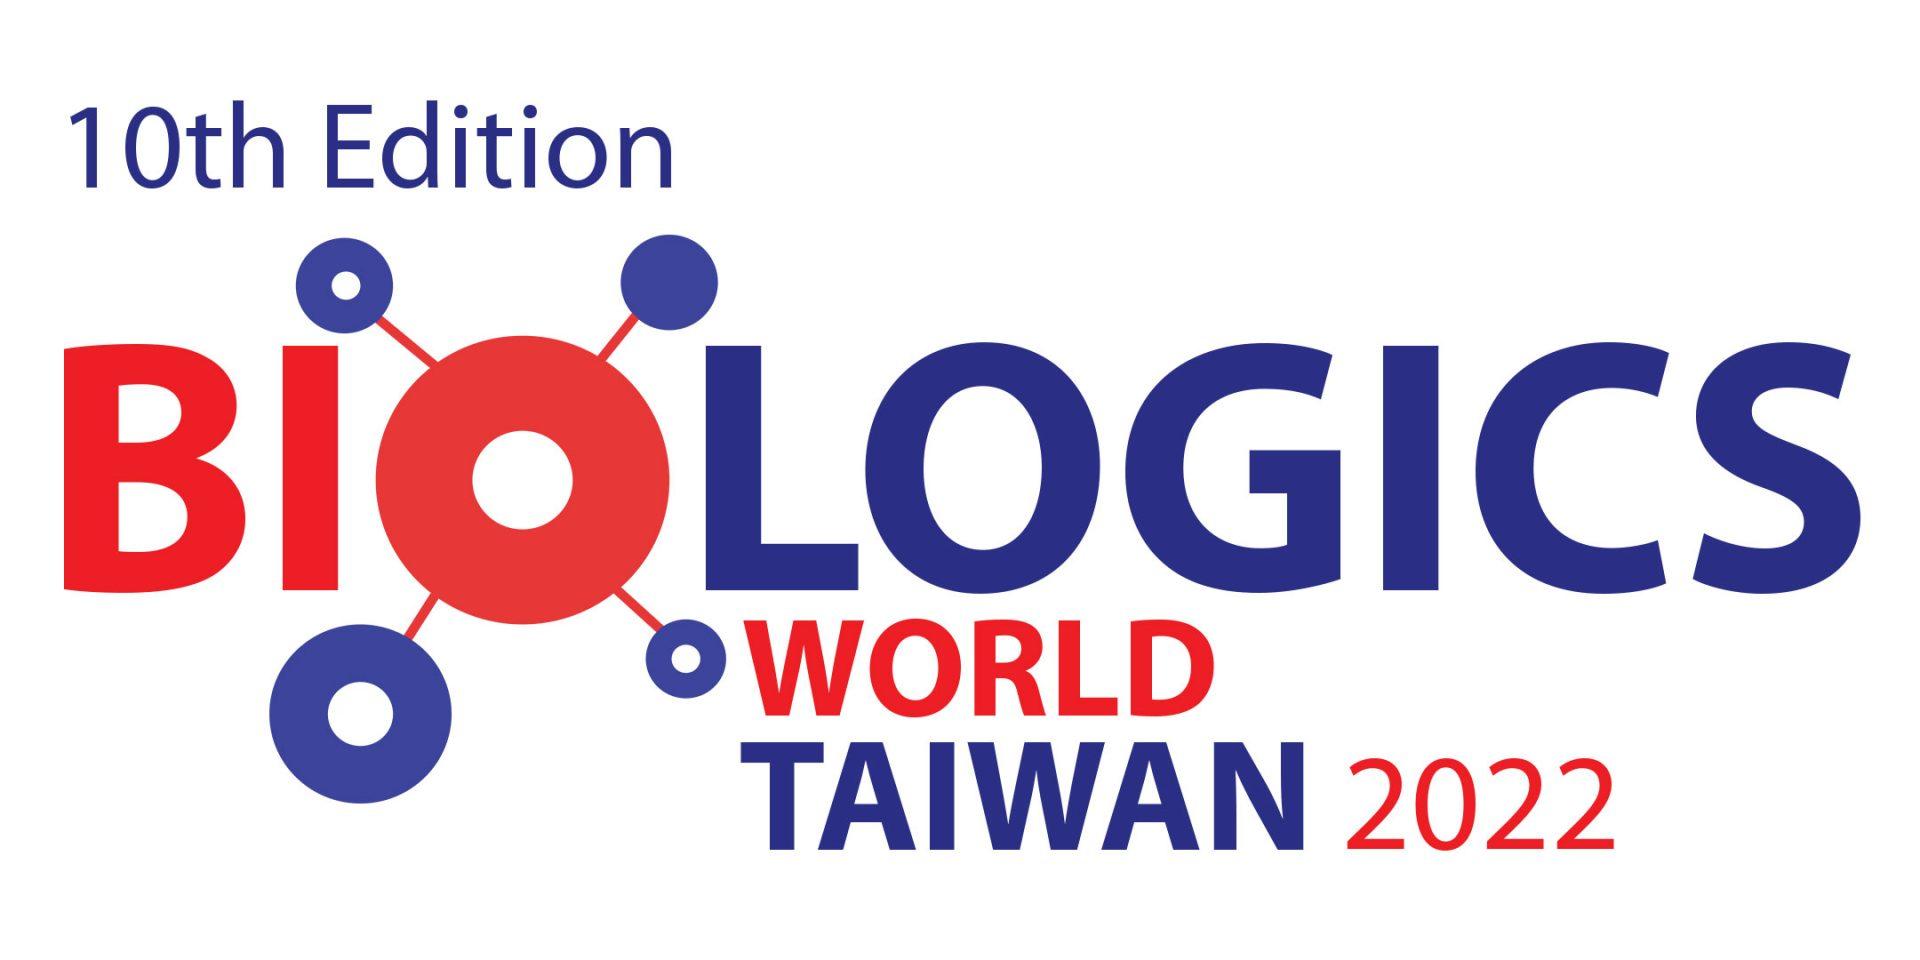 biologics world taiwan 2022 logo